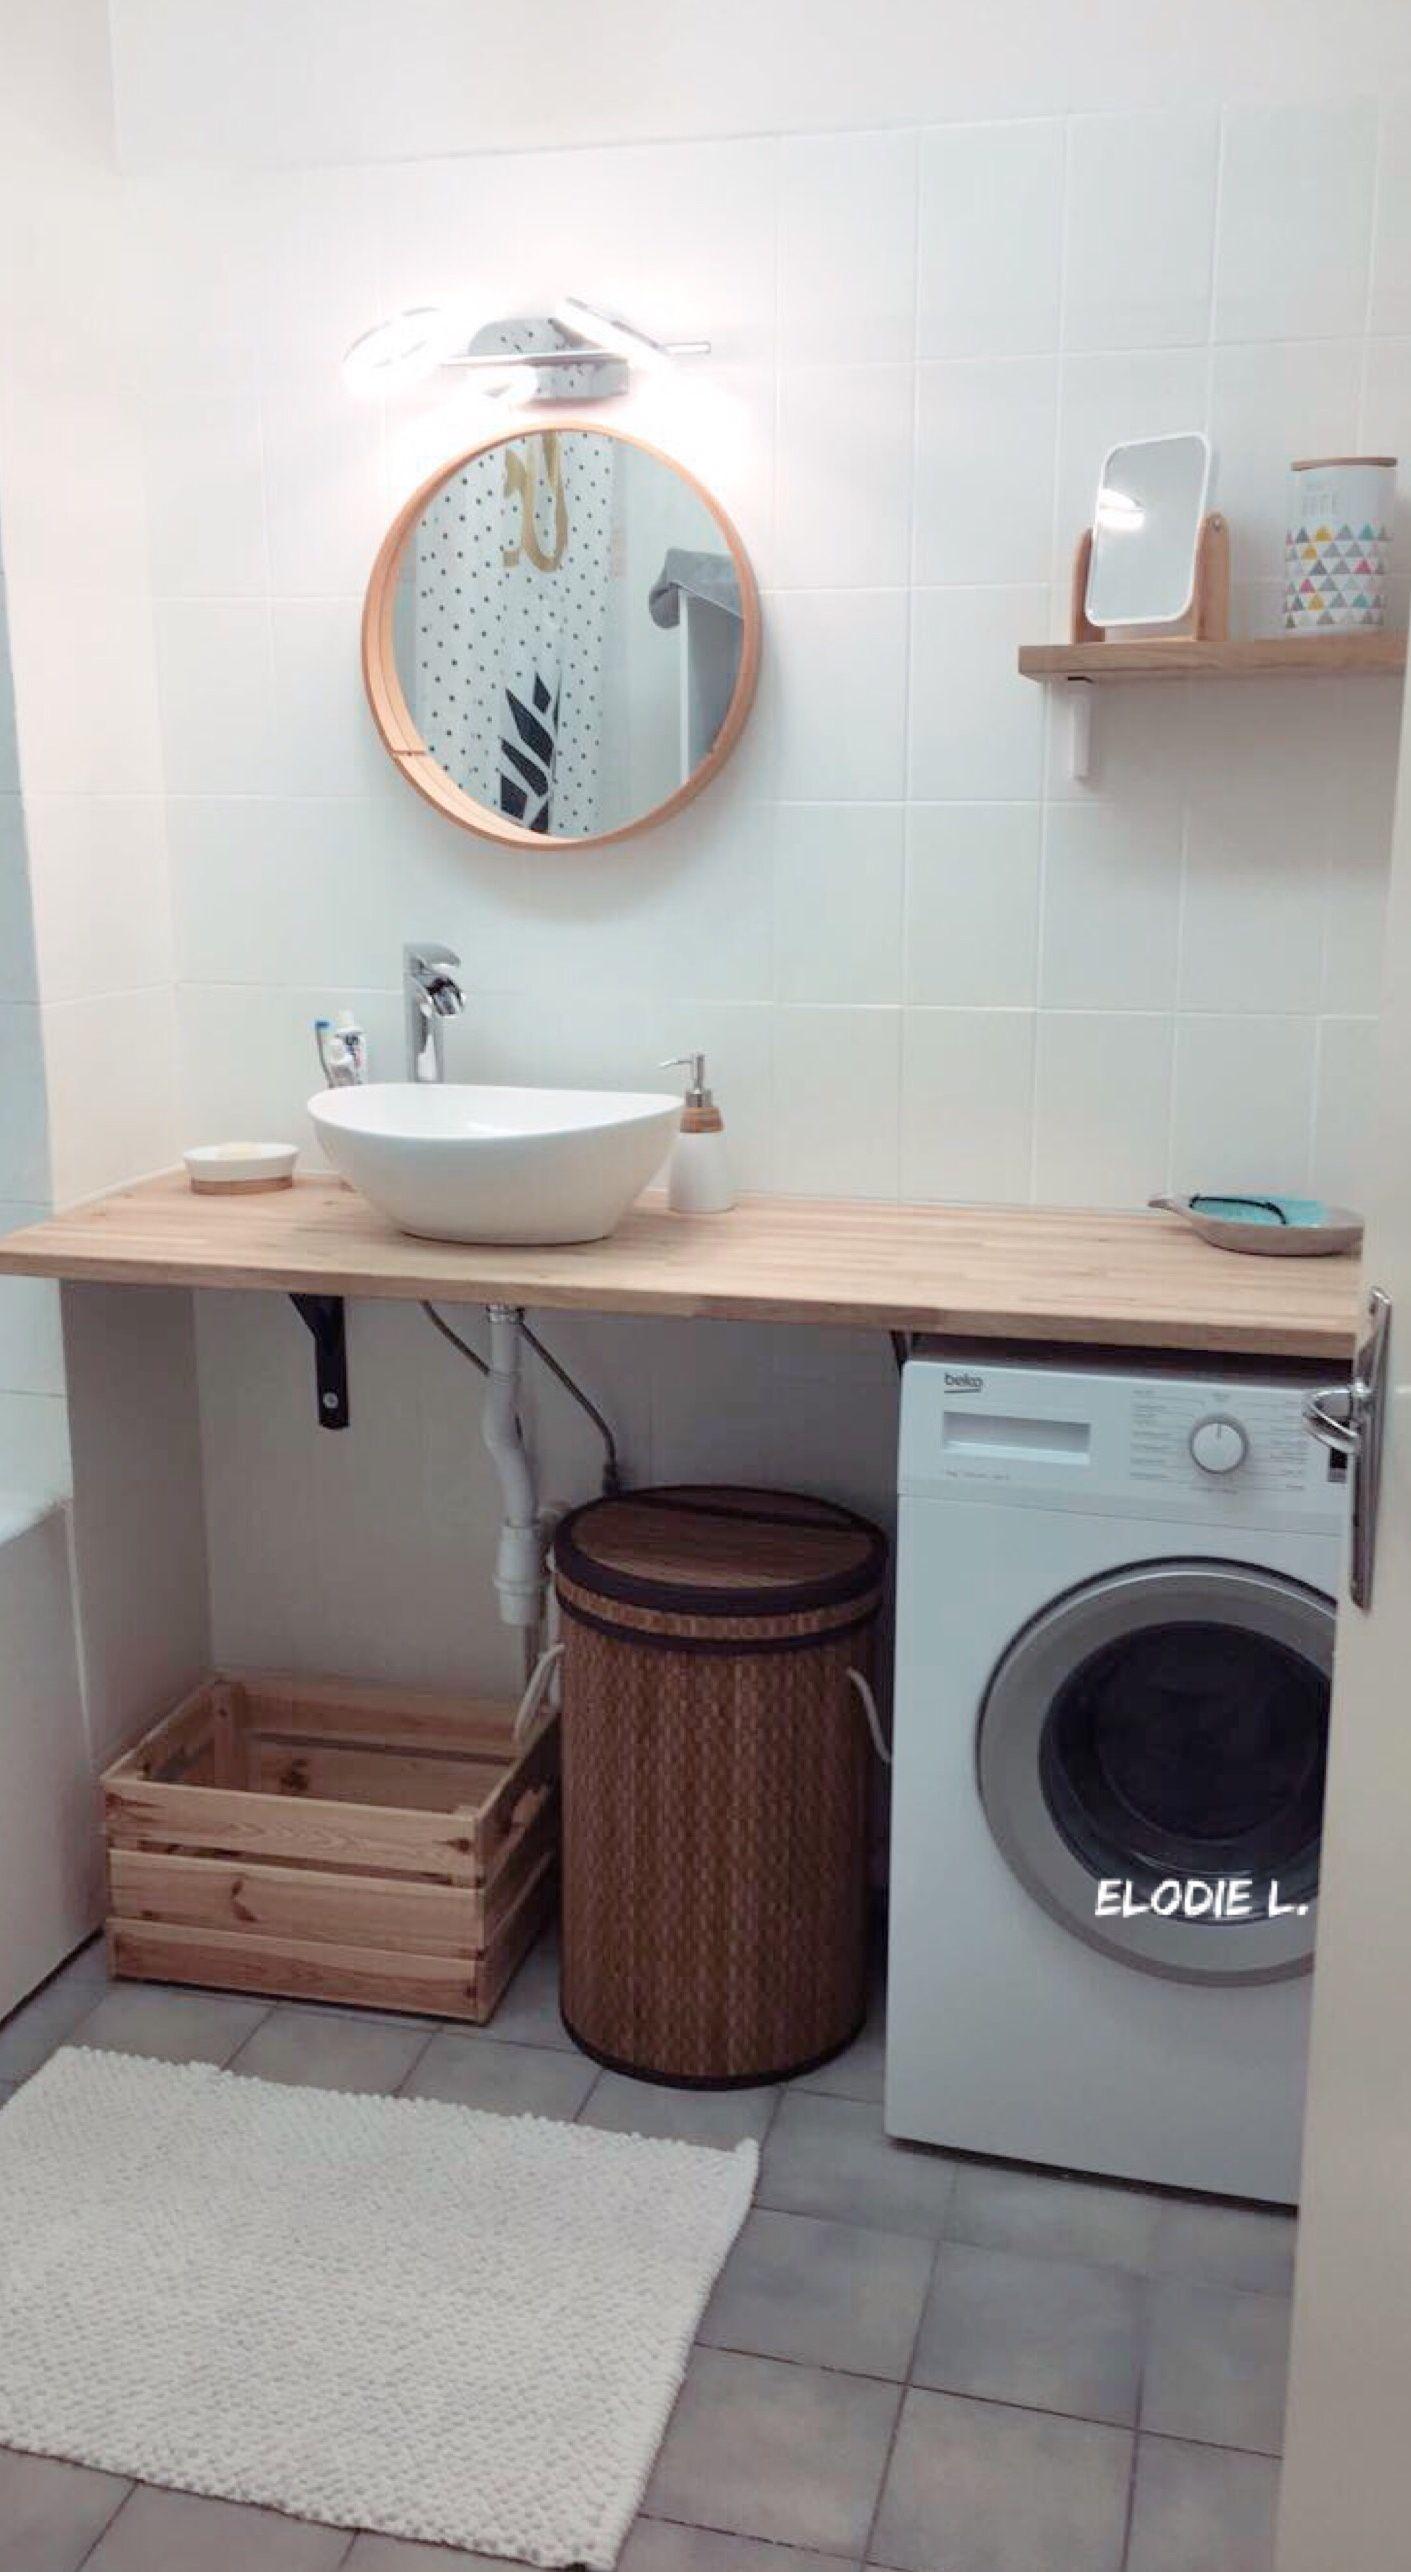 Salle de bain bois et blanc. Vasque, plan de travail, machine à